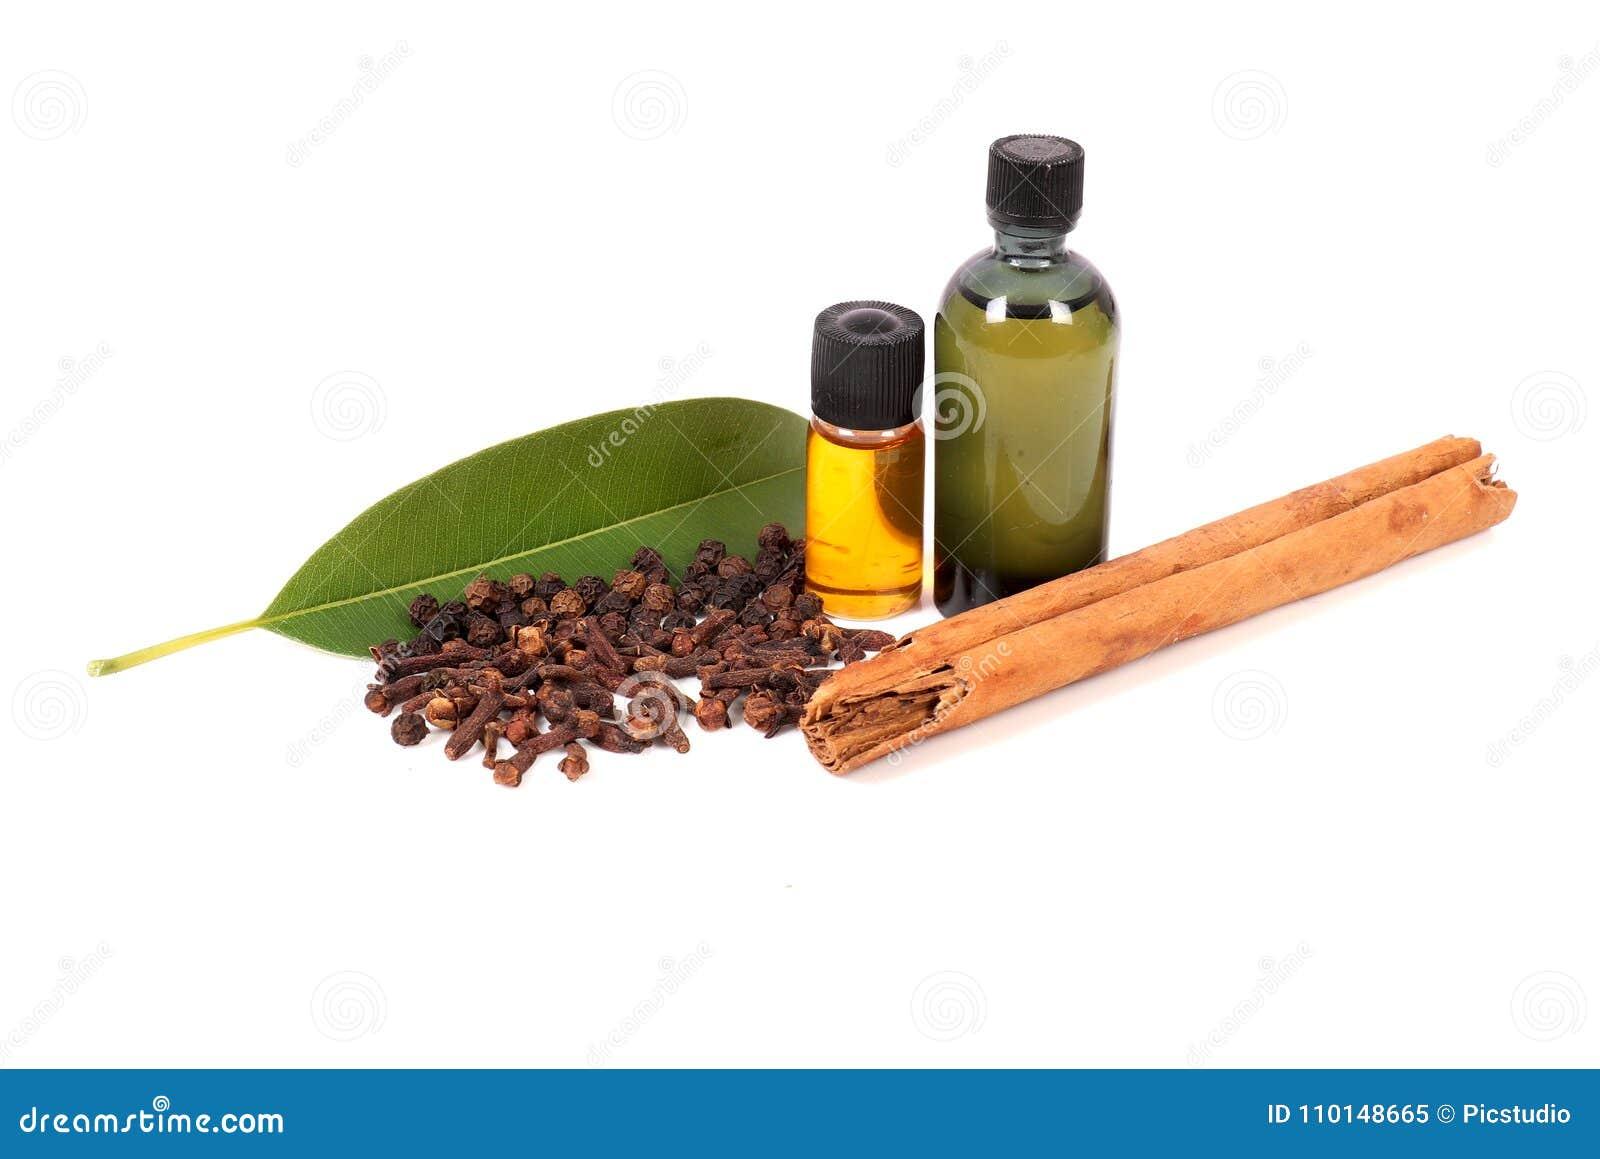 масло гвоздичного дерева